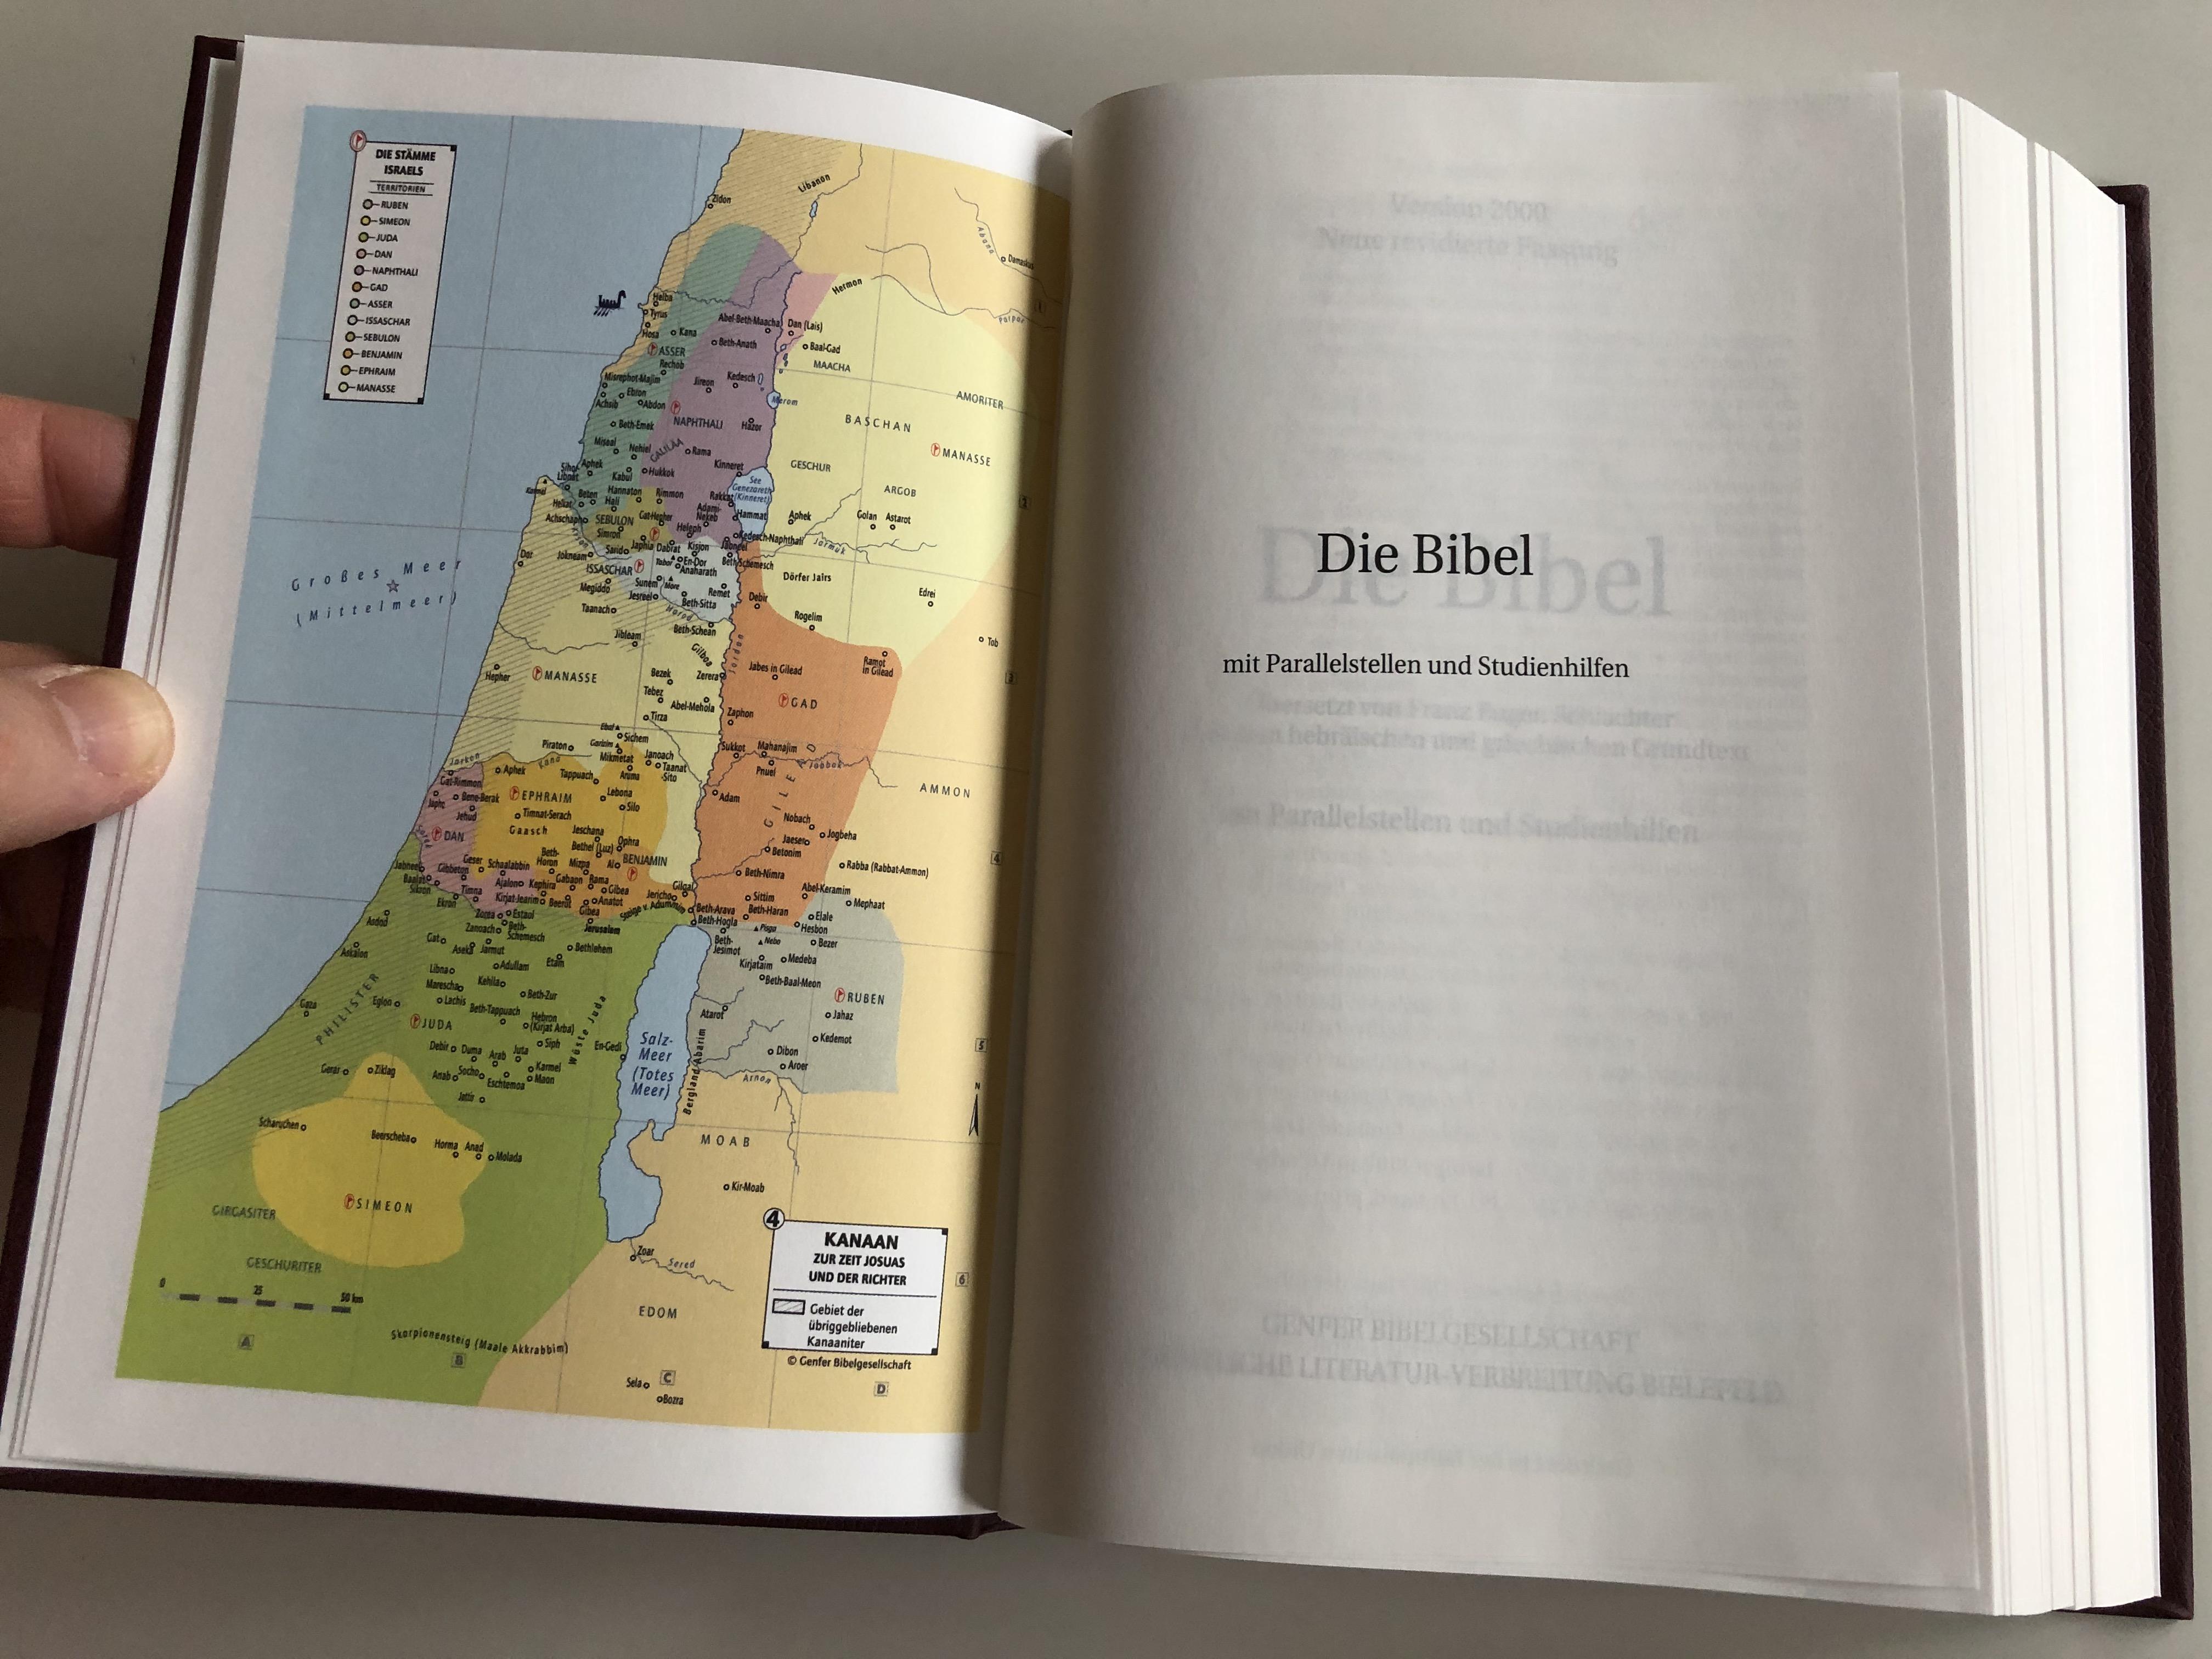 die-bibel-schlachter-version-2000-german-bible-clv-burgundy-5.jpg